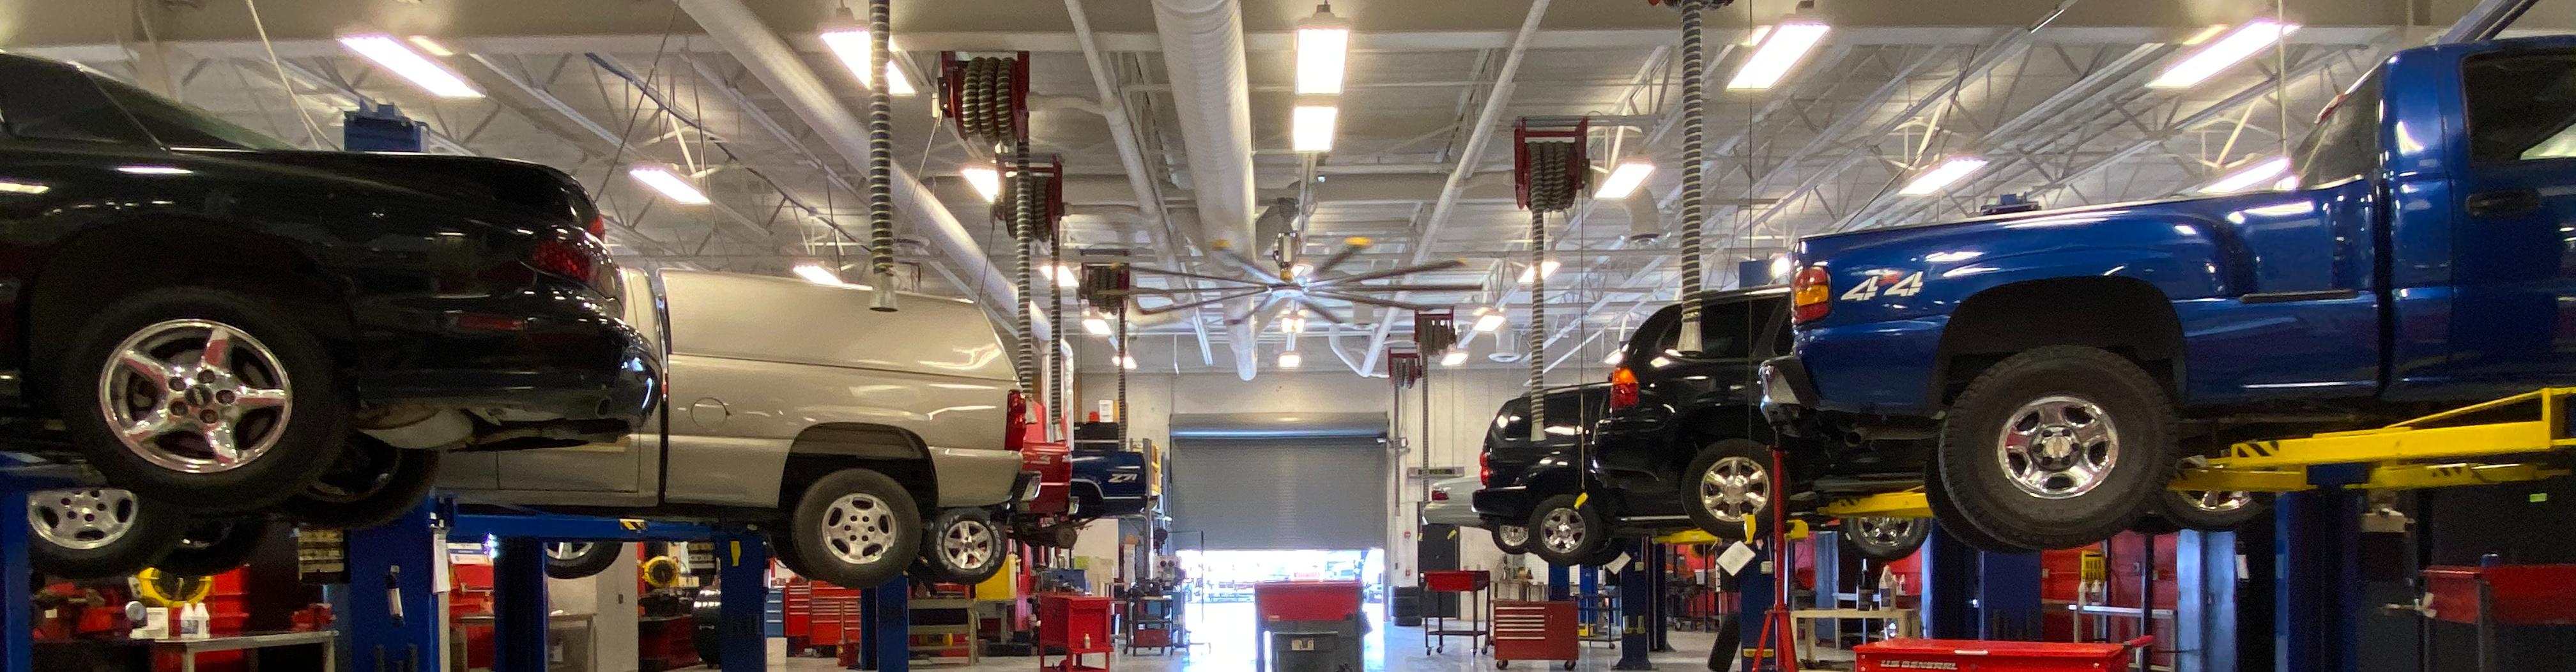 Auto Tech Lab